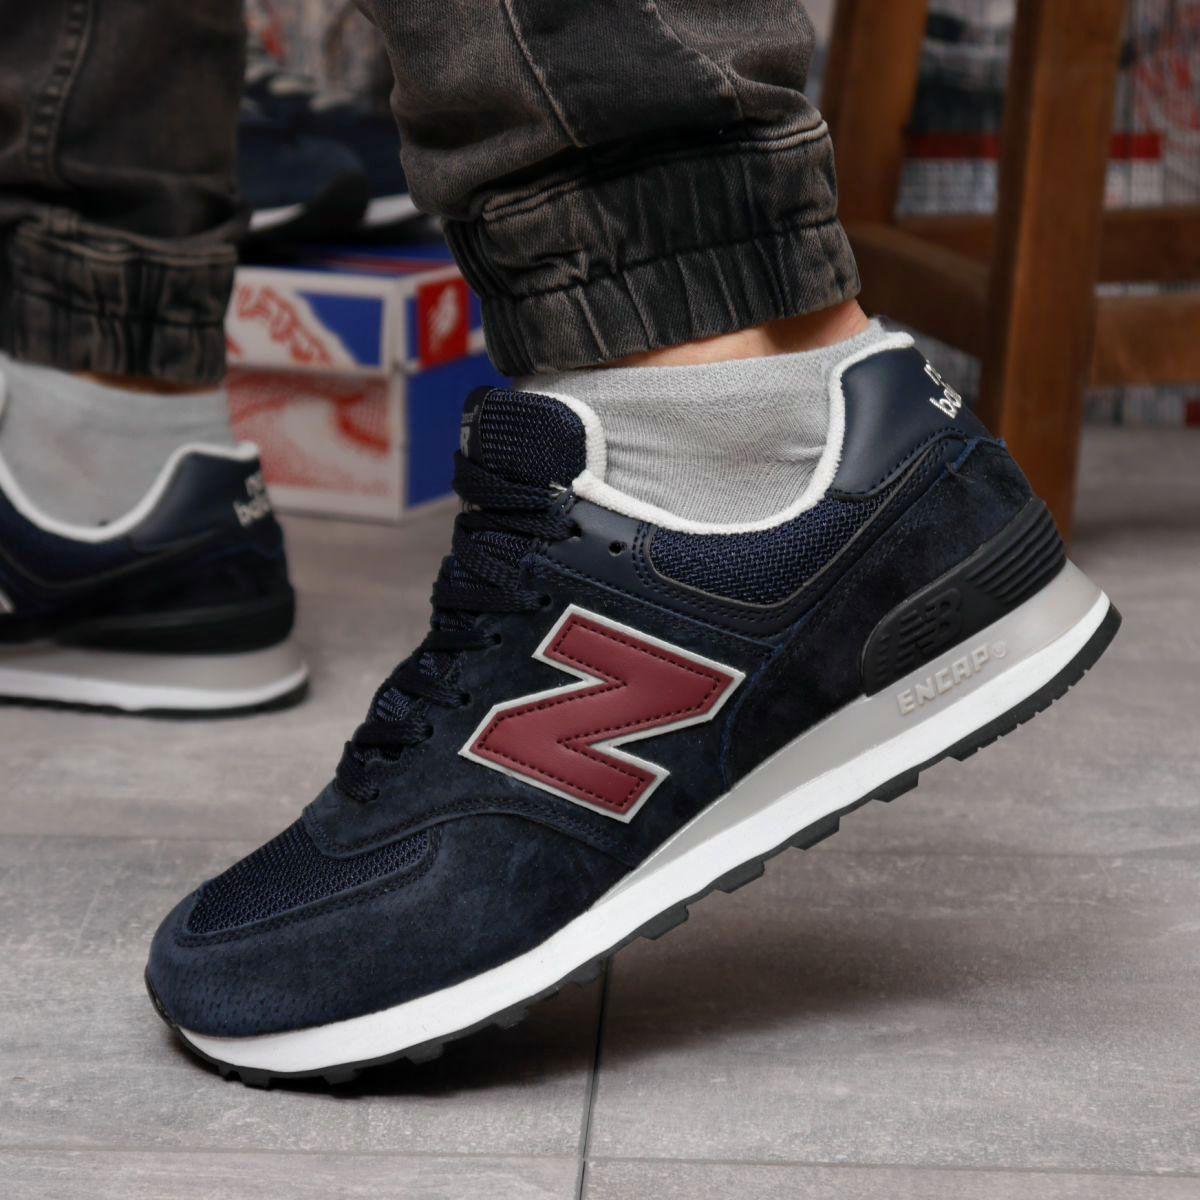 Чоловічі кросівки New Balance 574, темно-сині / чоловічі кросівки Нью Баланс (Топ репліка ААА+)